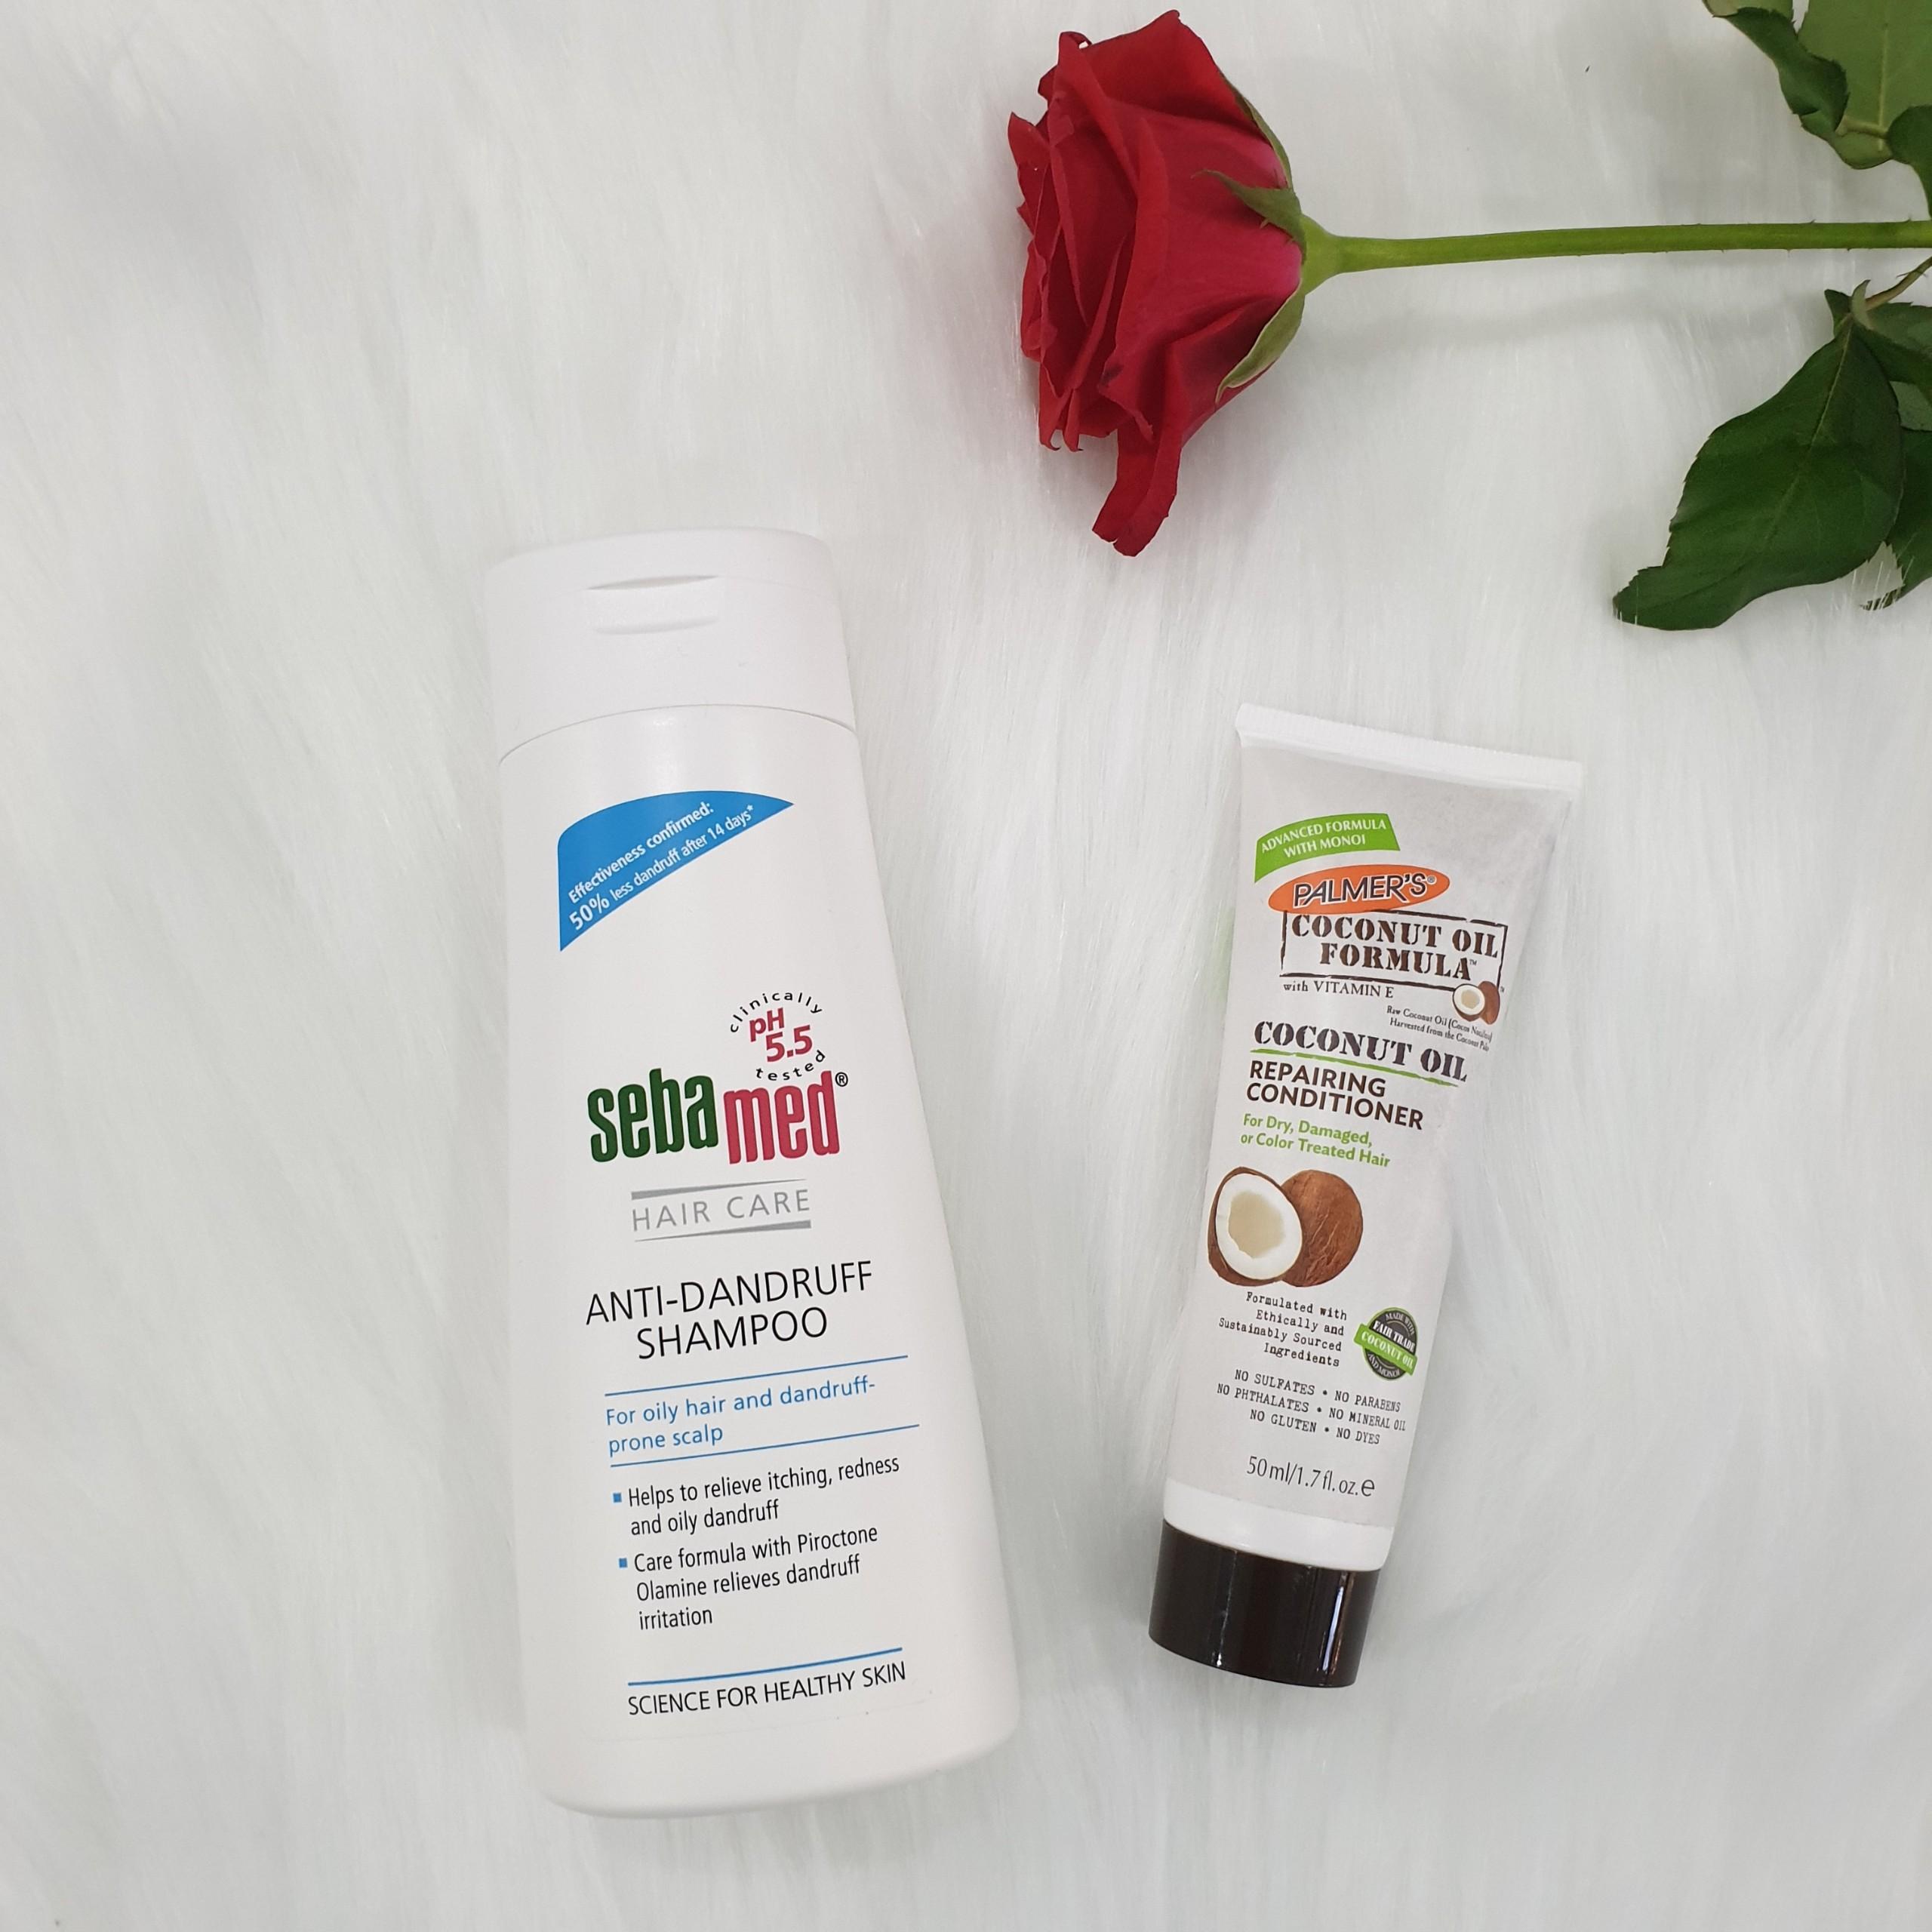 Dầu gội làm giàm gàu, giảm ngứa da đầu Sebamed pH5.5 Anti-Dandruff Shampoo 200ml + Tặng ngay 1 tuýp dầu xã dưỡng tóc mềm mượt từ dừa Palmer's 50ml Size du lịch